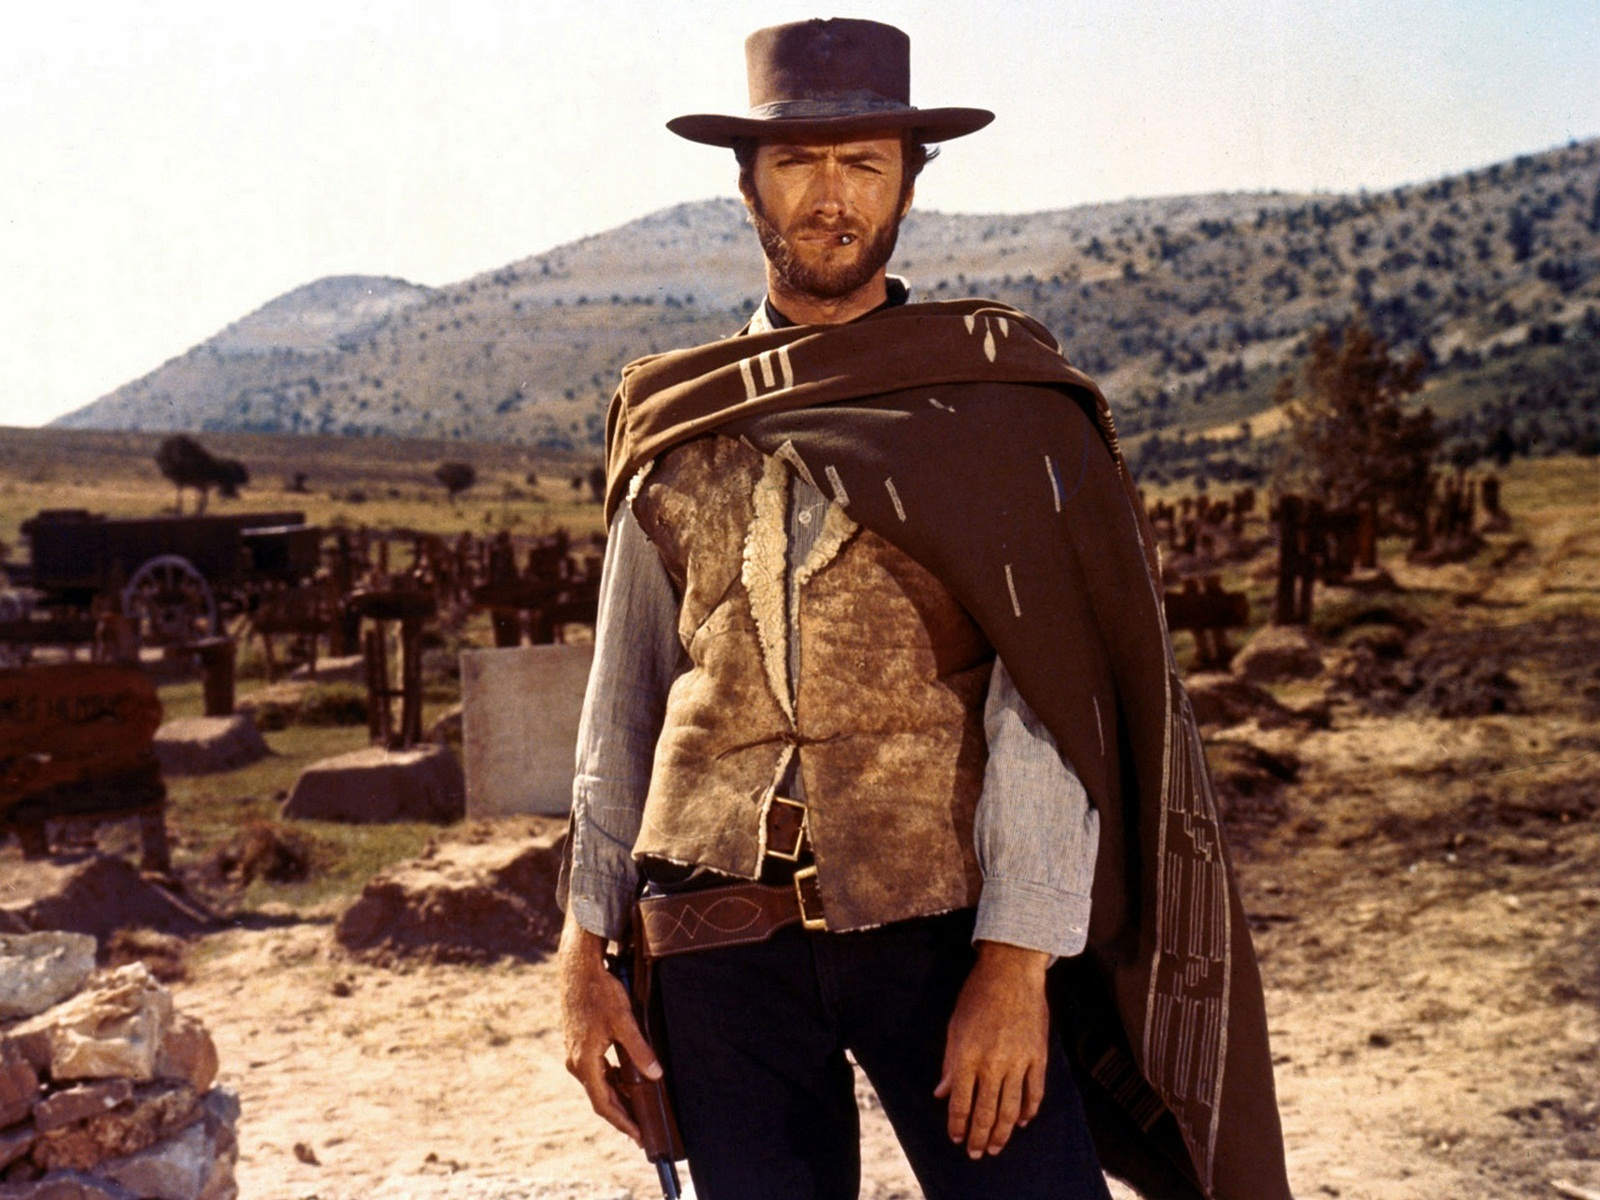 Célébrité - Clint Eastwood  Fond d'écran